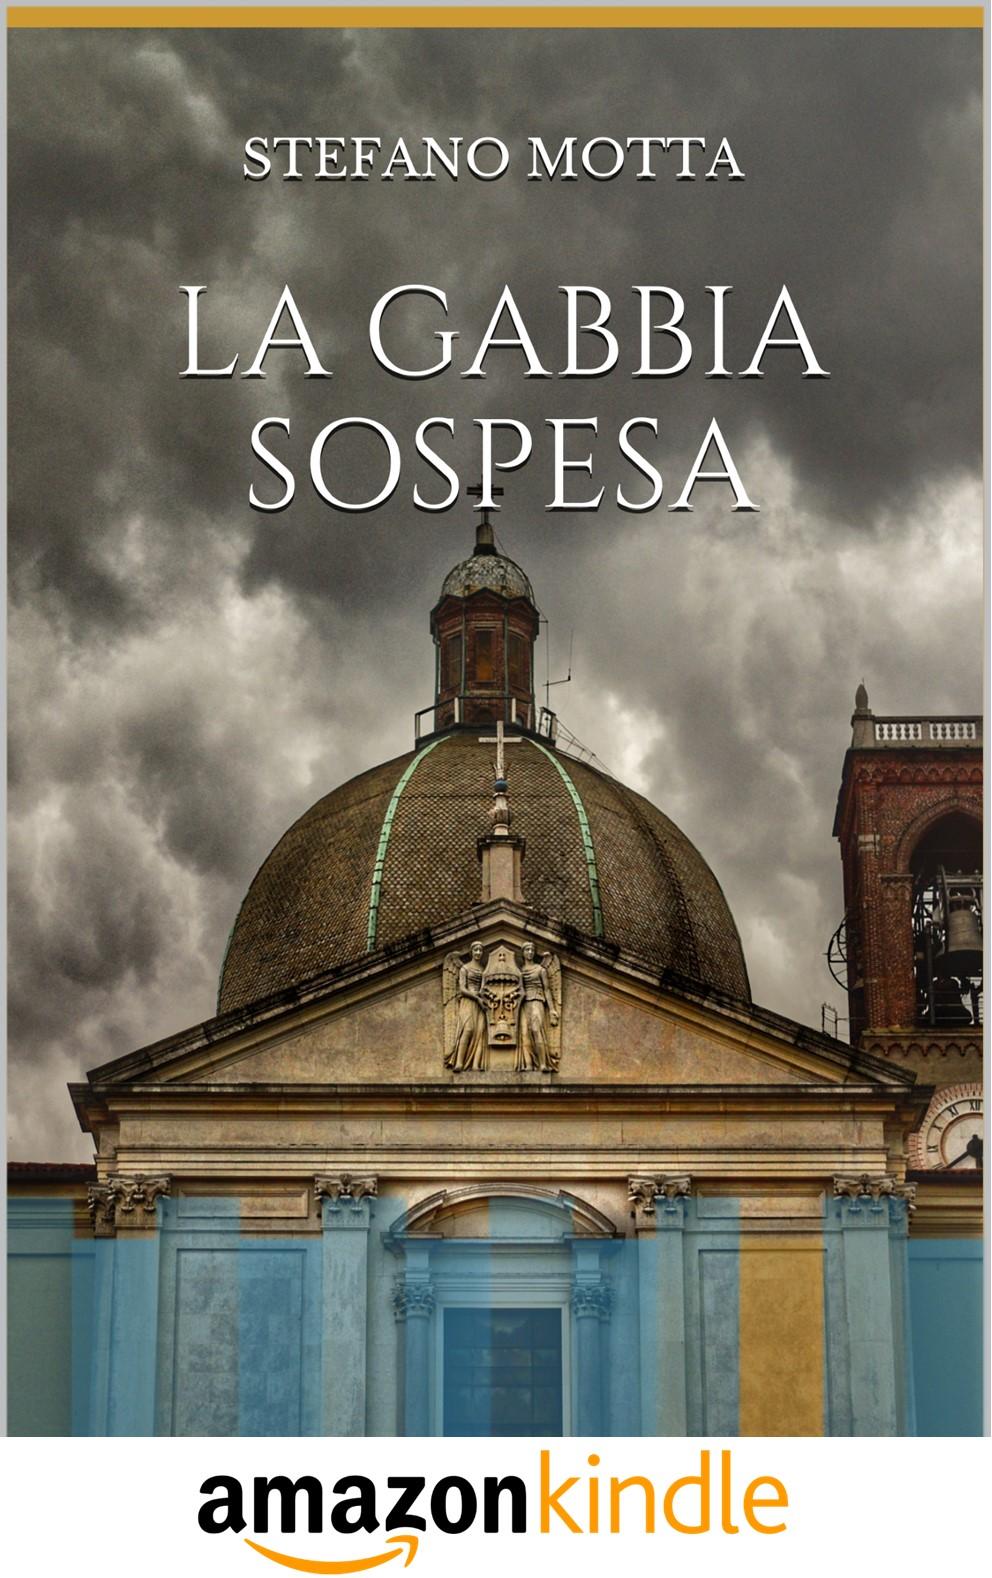 MOTTA_La gabbia sospesa_cop kdp